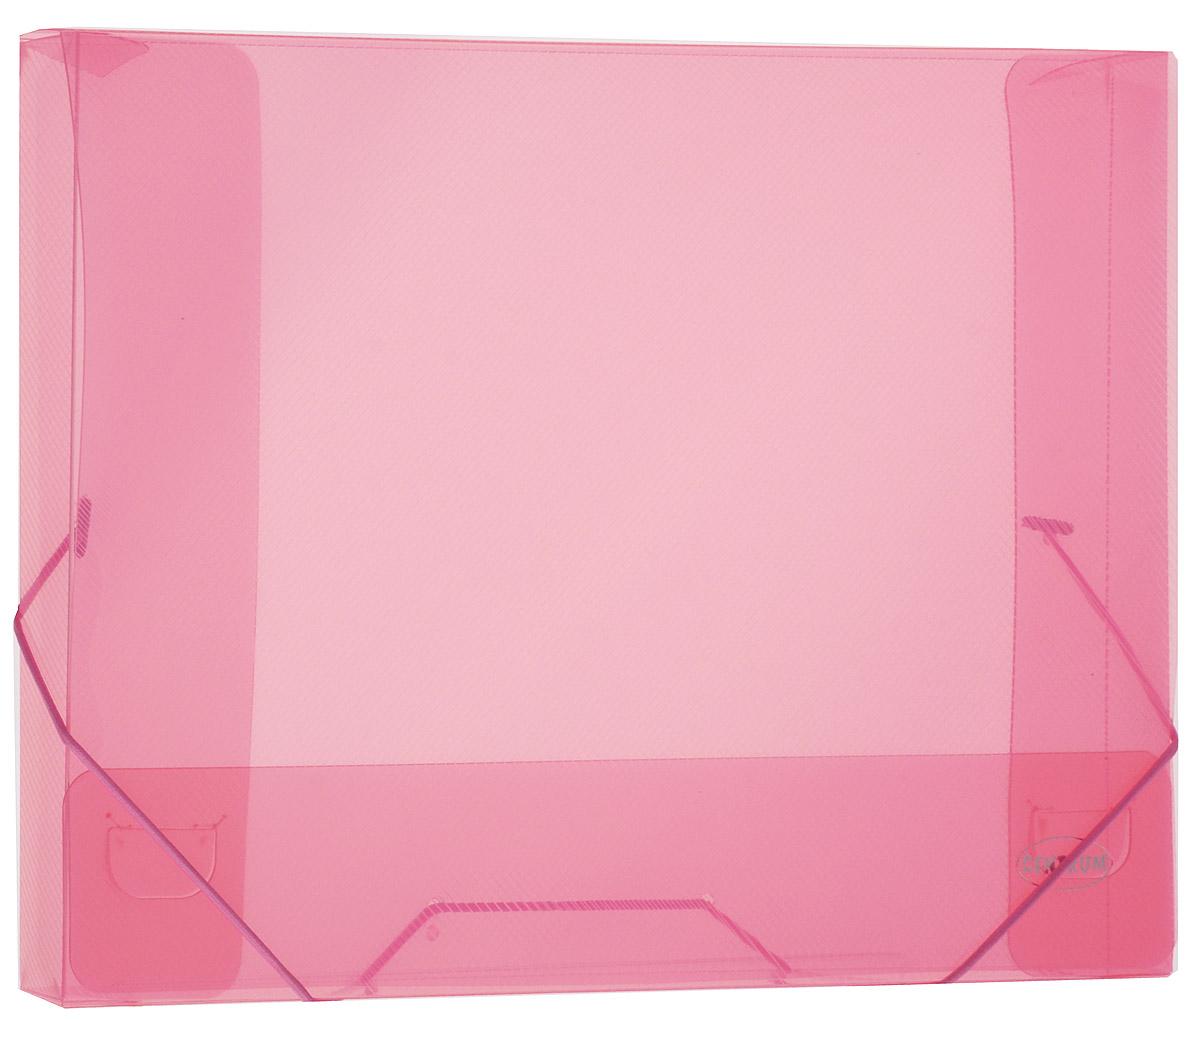 Centrum Папка на резинке цвет розовый 80019_розовый